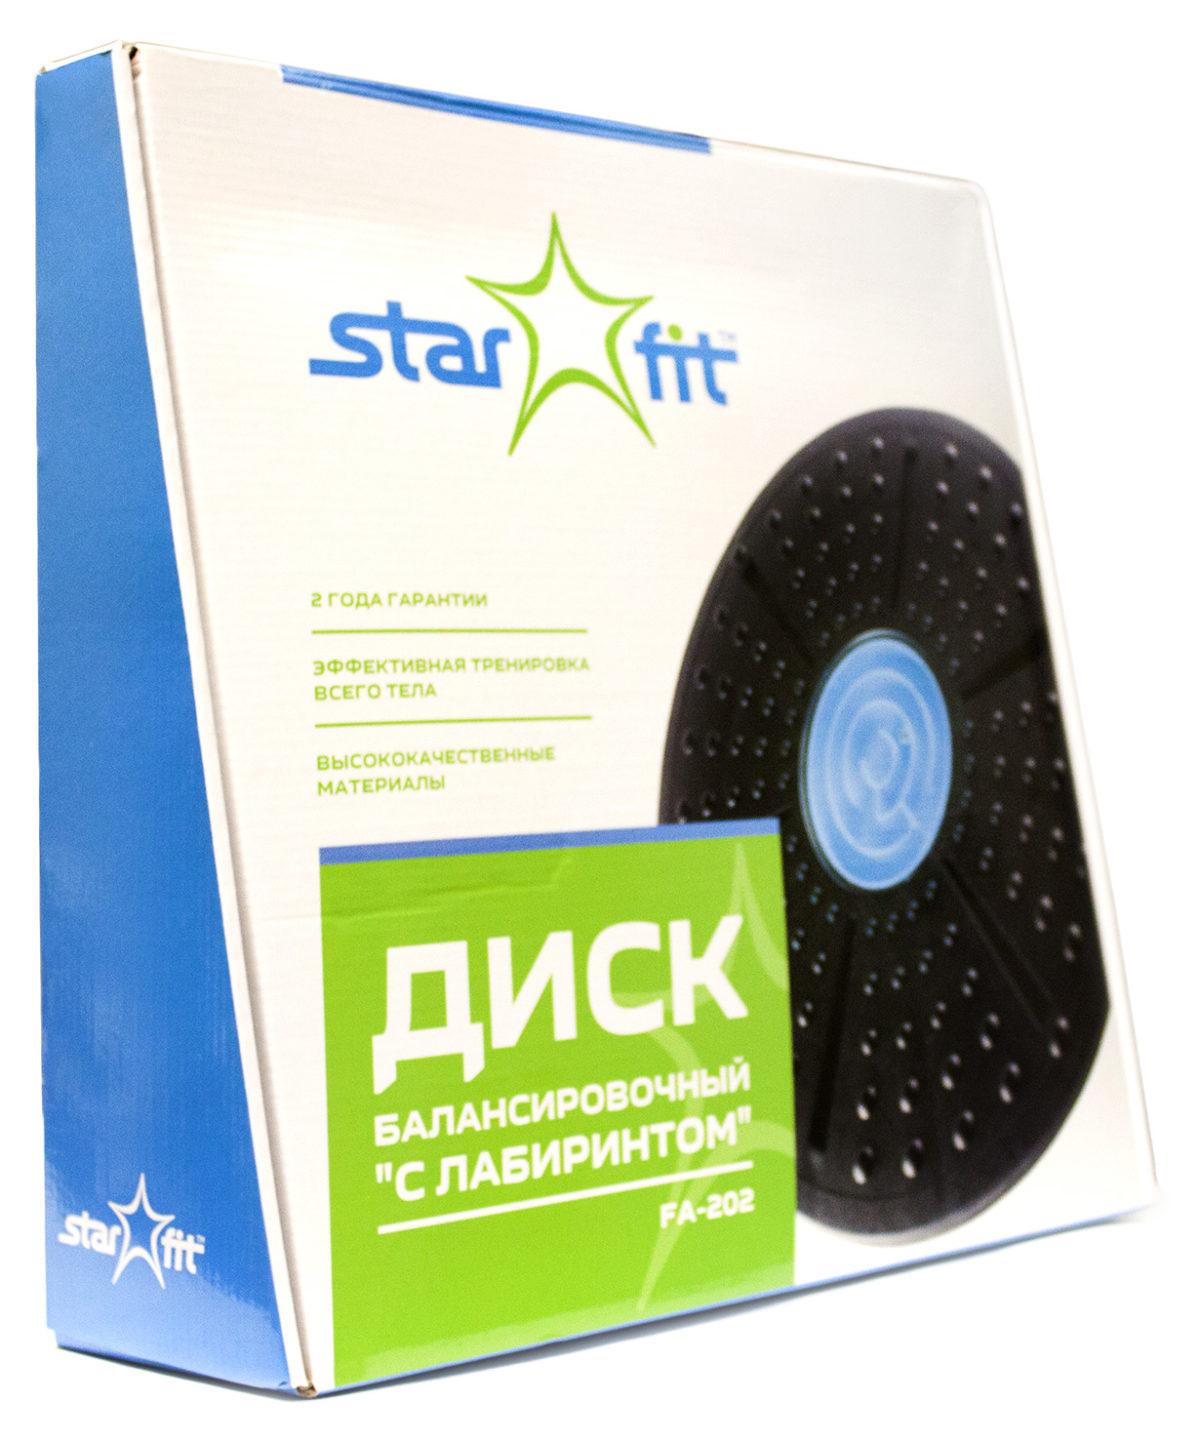 STARFIT Диск балансировочный с лабиринтом FA-202 - 3